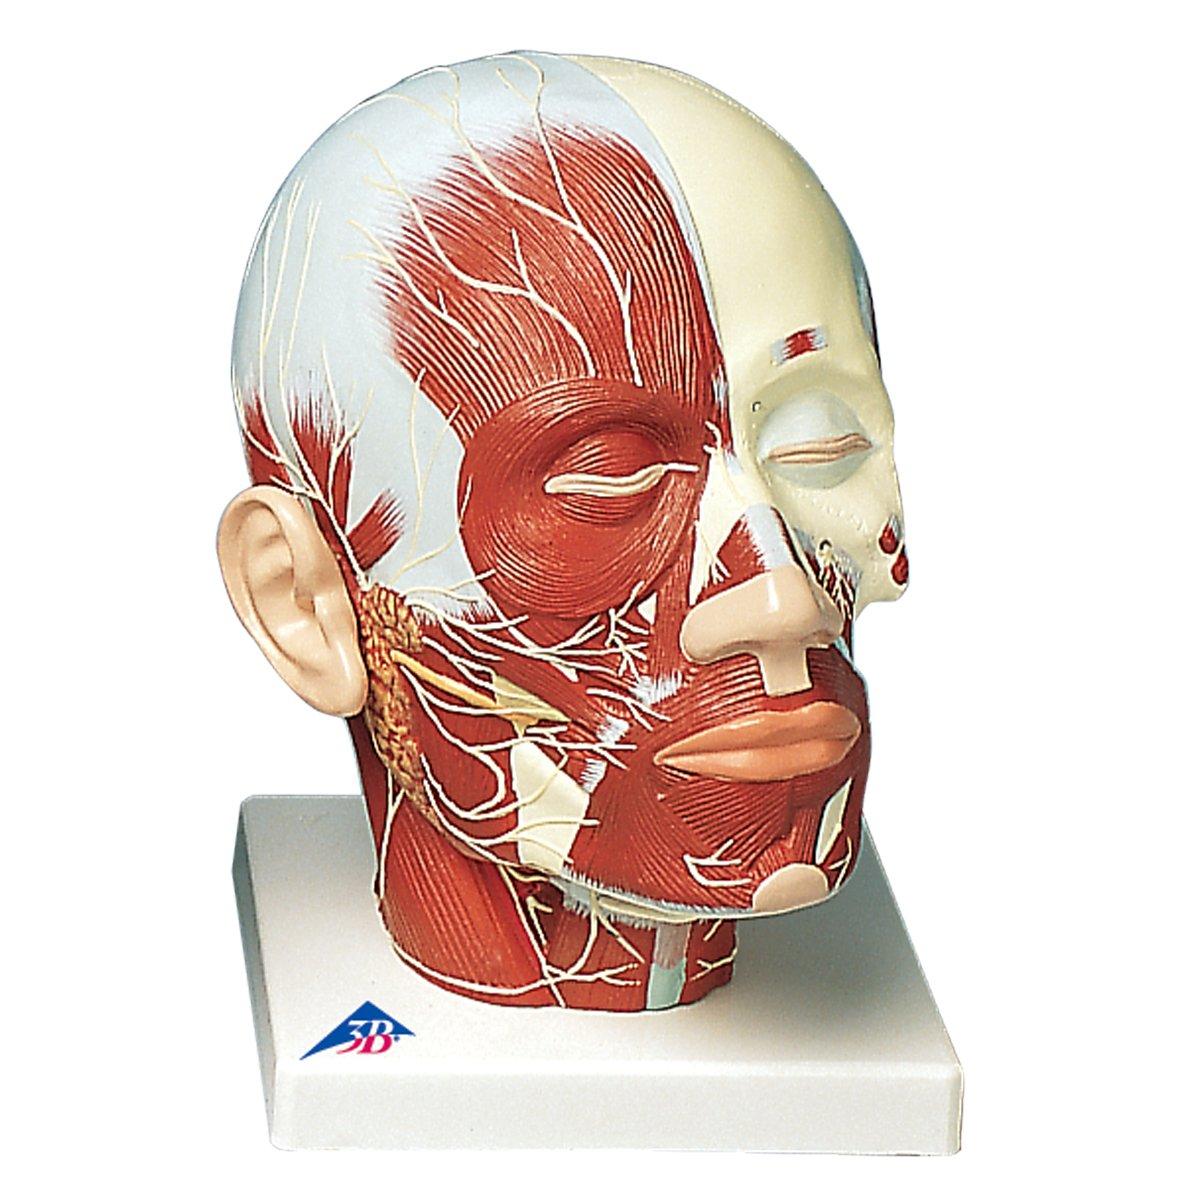 【2019春夏新作】 頭頚部の筋肉モデル,神経付 神経付き 神経付き B007NCWCJ0 B007NCWCJ0, イマダテチョウ:af046499 --- a0267596.xsph.ru